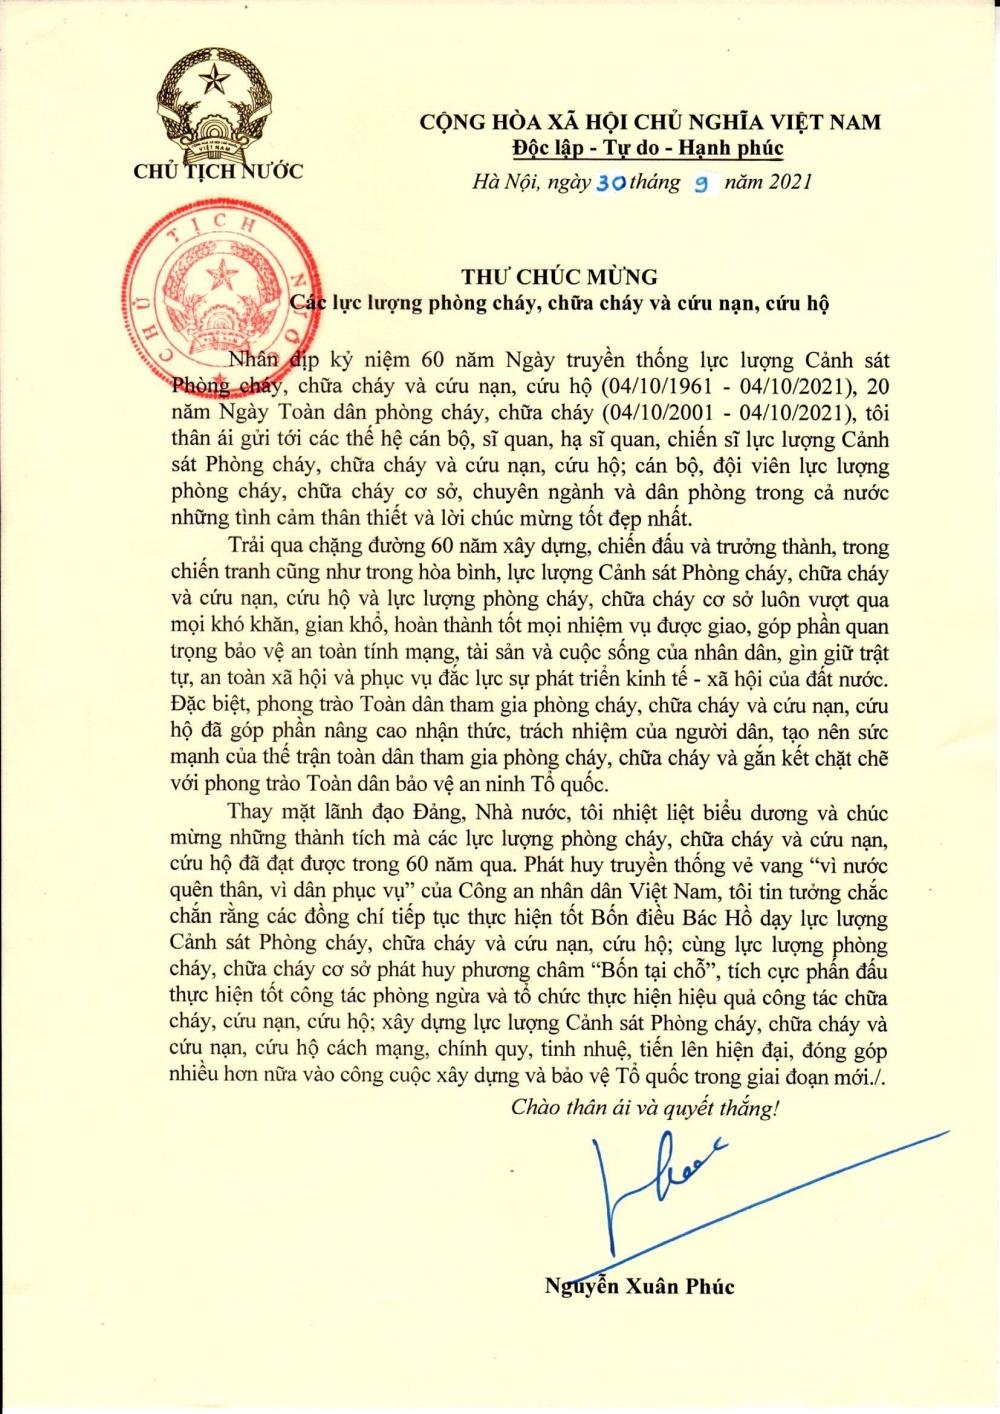 Chủ tịch nước gửi thư chúc mừng các lực lượng phòng cháy, chữa cháy và cứu nạn, cứu hộ